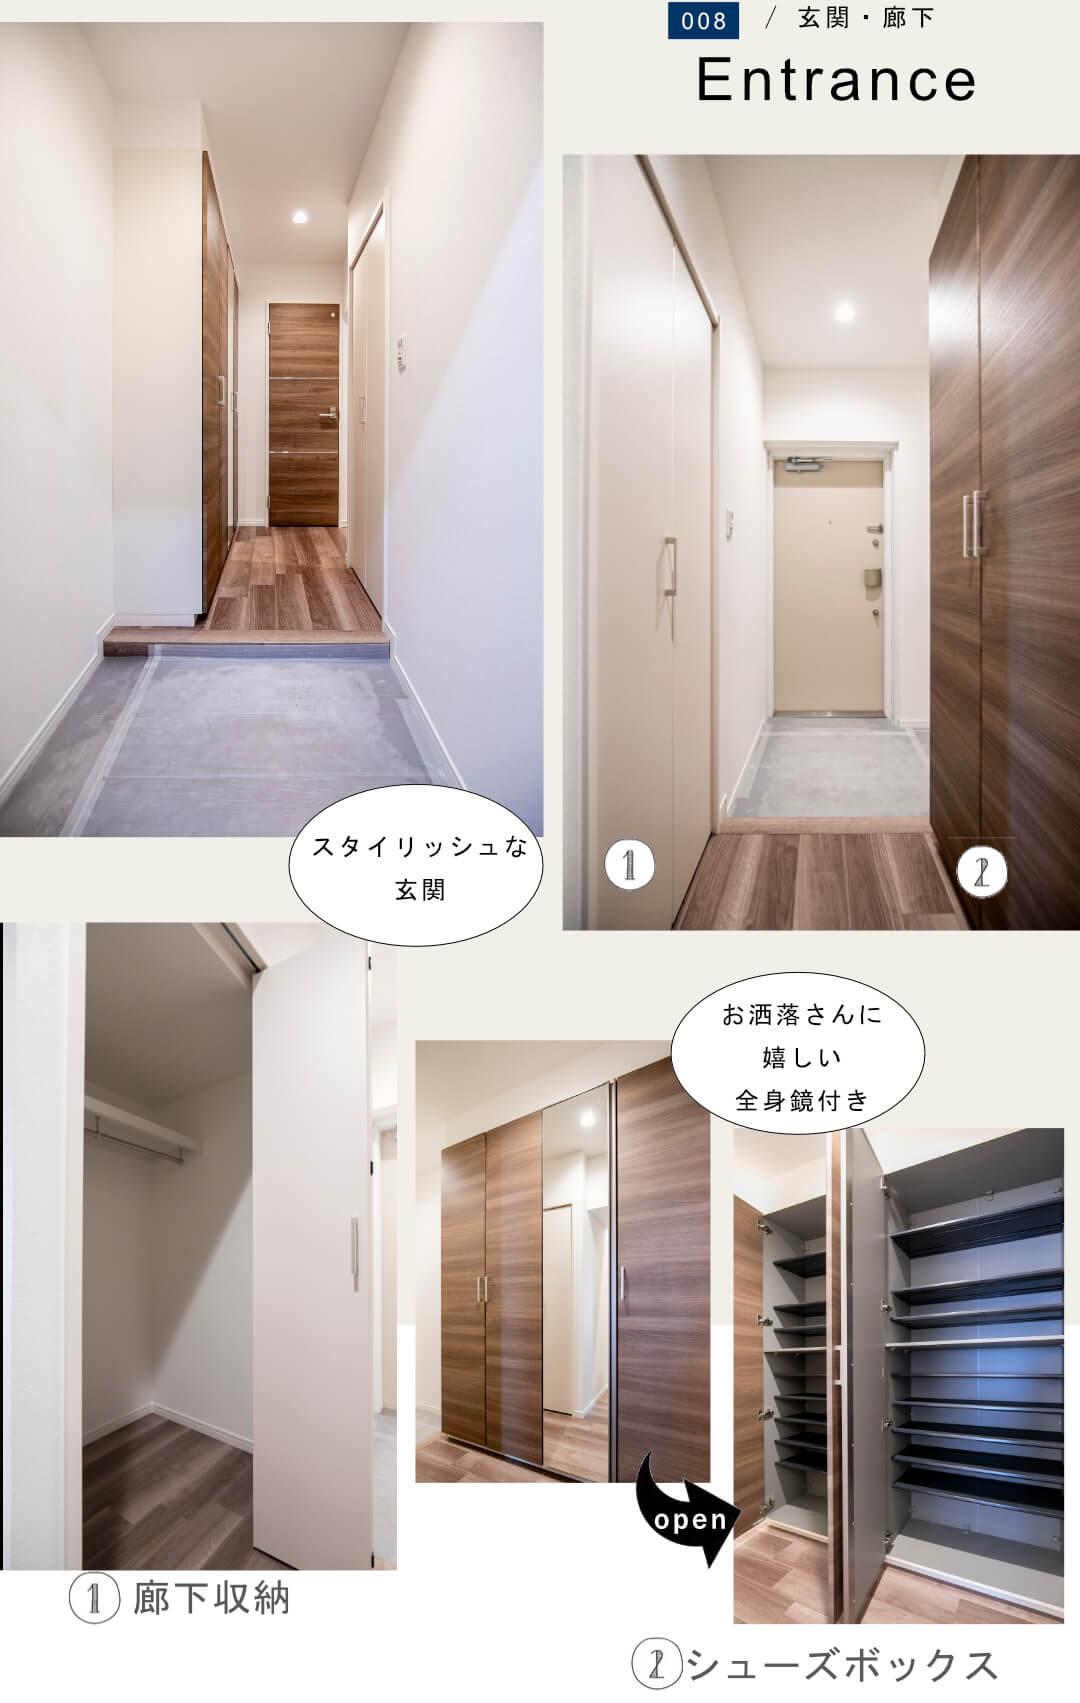 ハイマート渋谷神泉 302の玄関・廊下